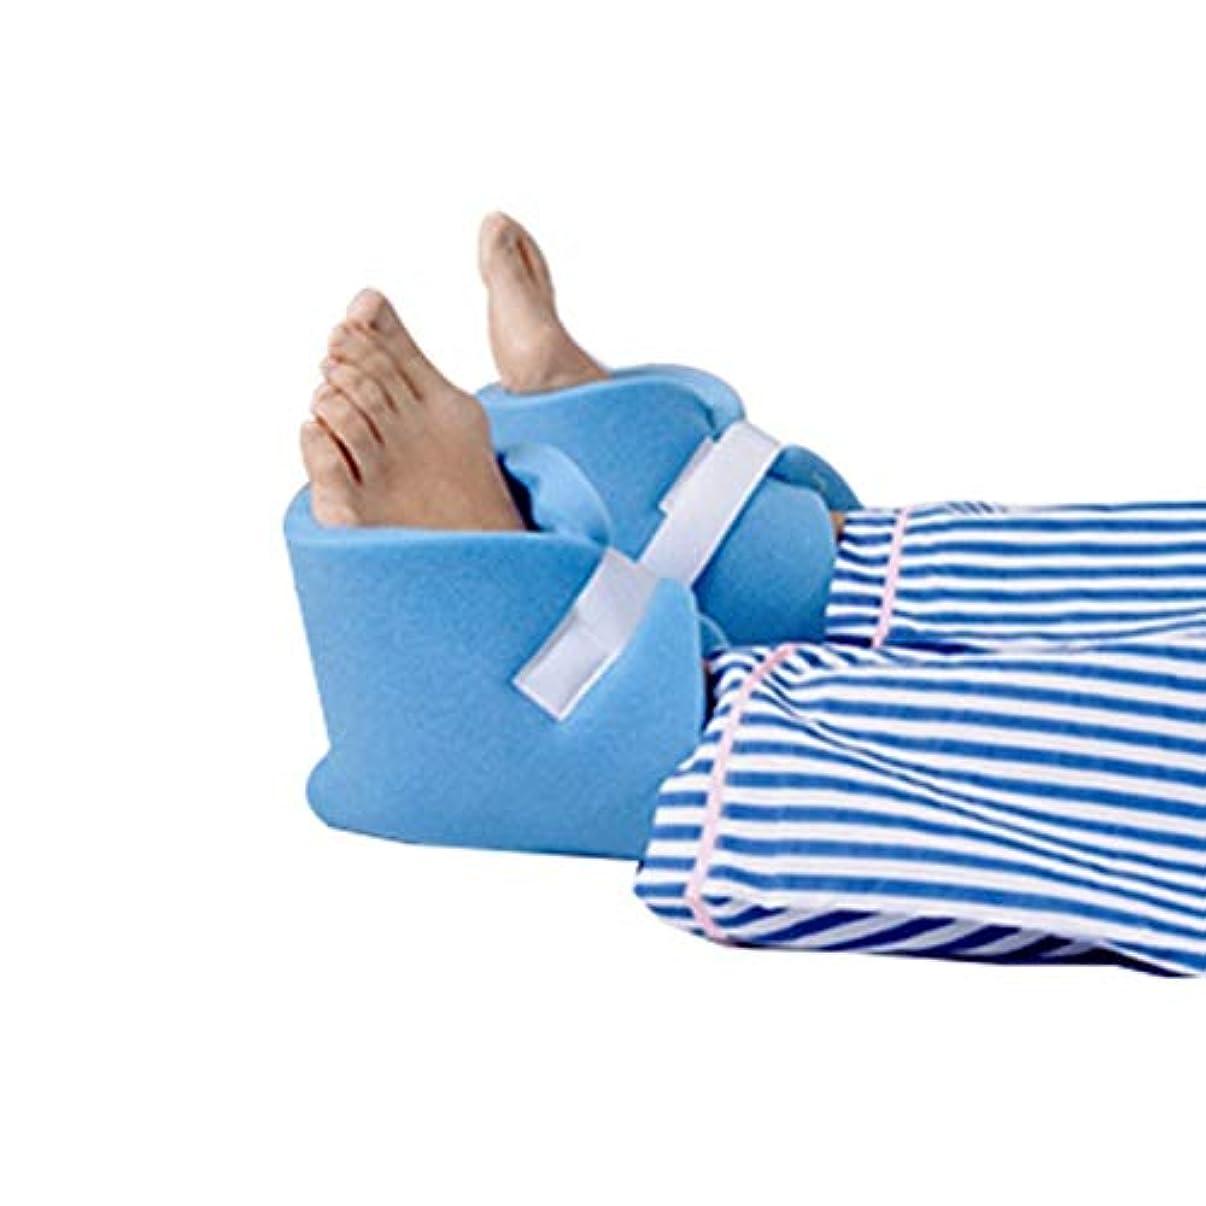 エイリアス立方体驚フォームヒールクッション、Pressure瘡予防のための足首プロテクター、デラックスワンペア(ブルー)